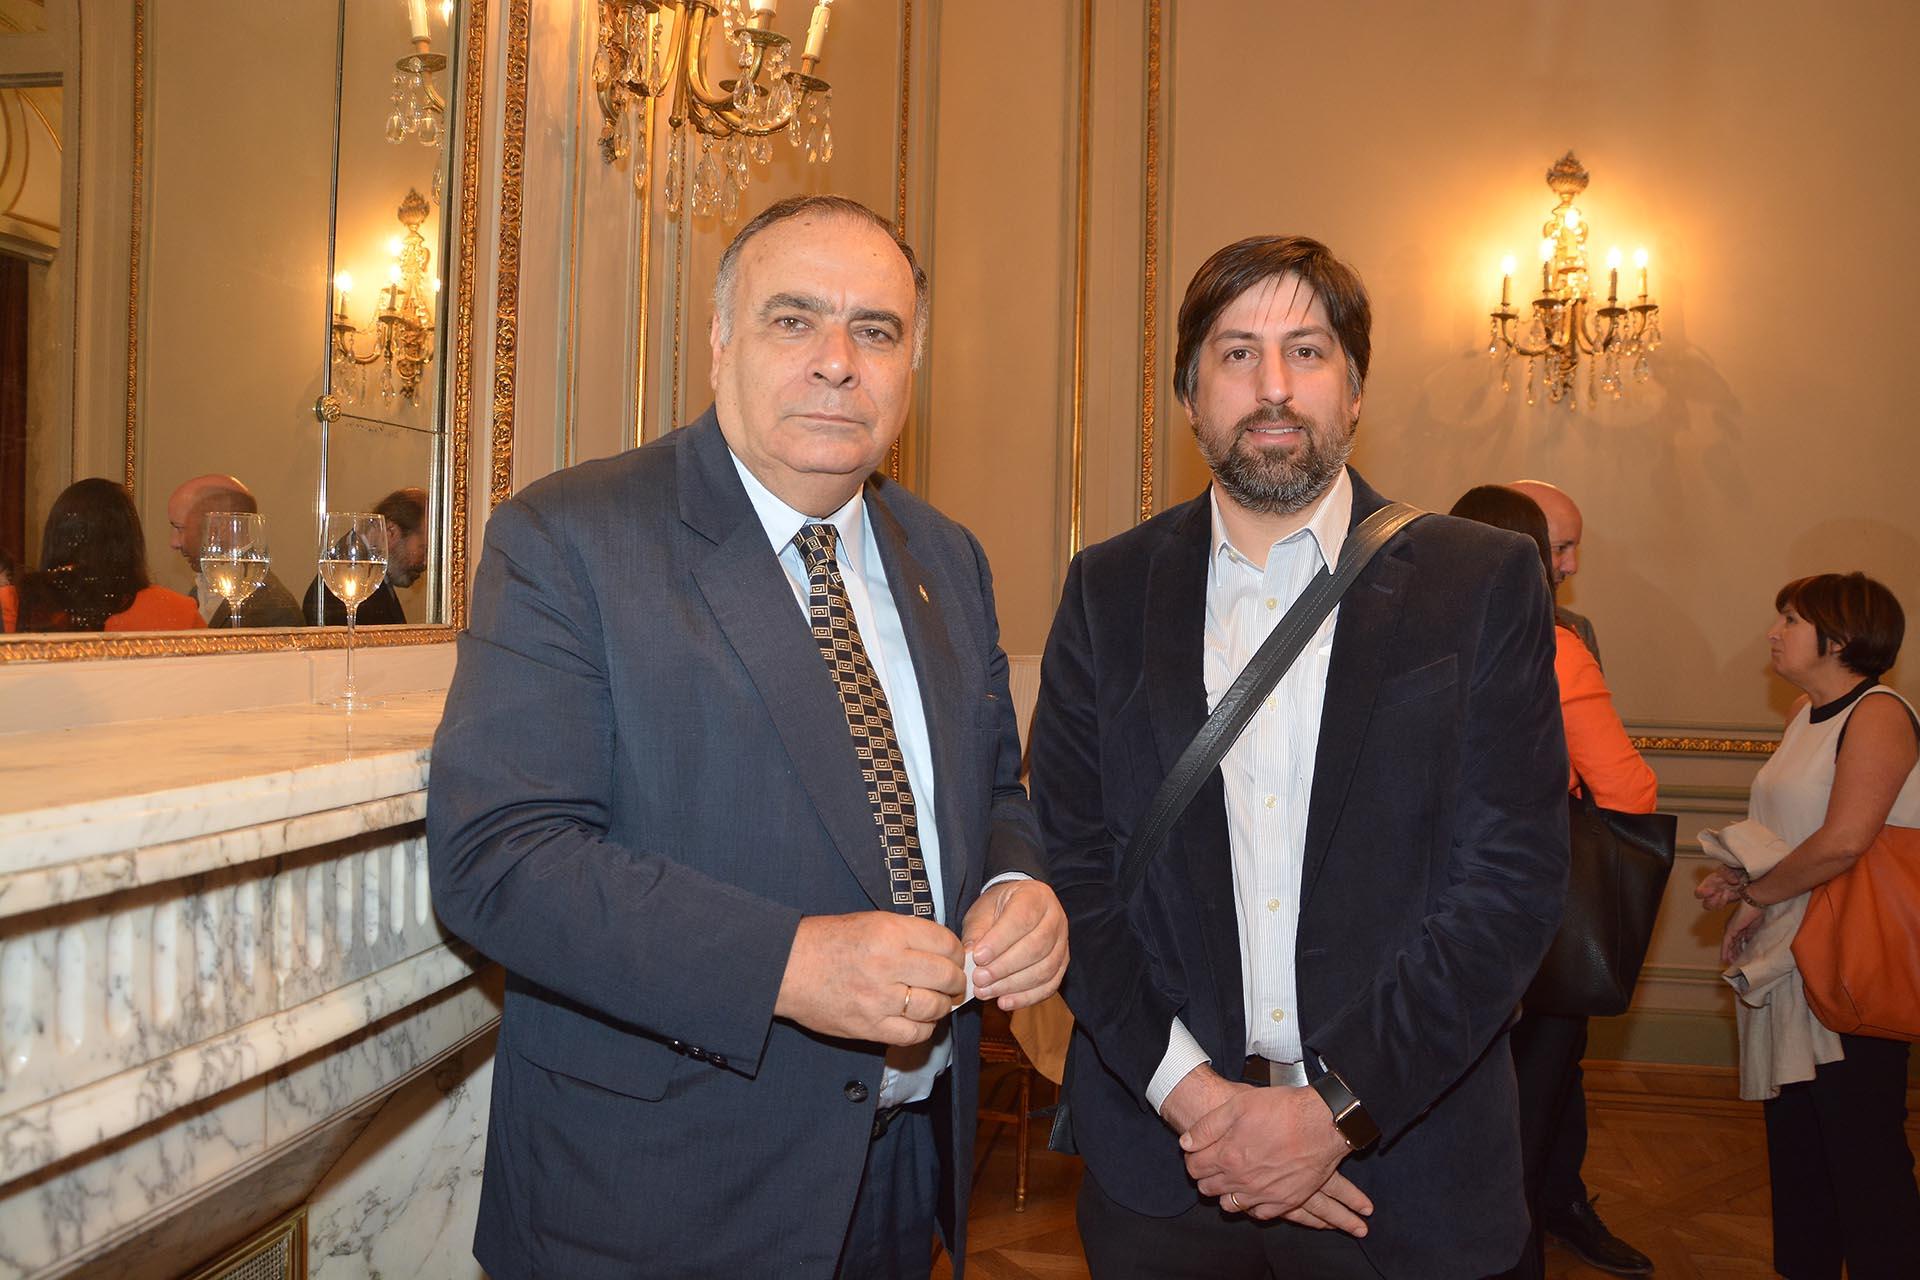 El embajador Héctor Lescano y Nicolás Trotta, rector de la Universidad Metropolitana para la Educación y el Trabajo (UMET).